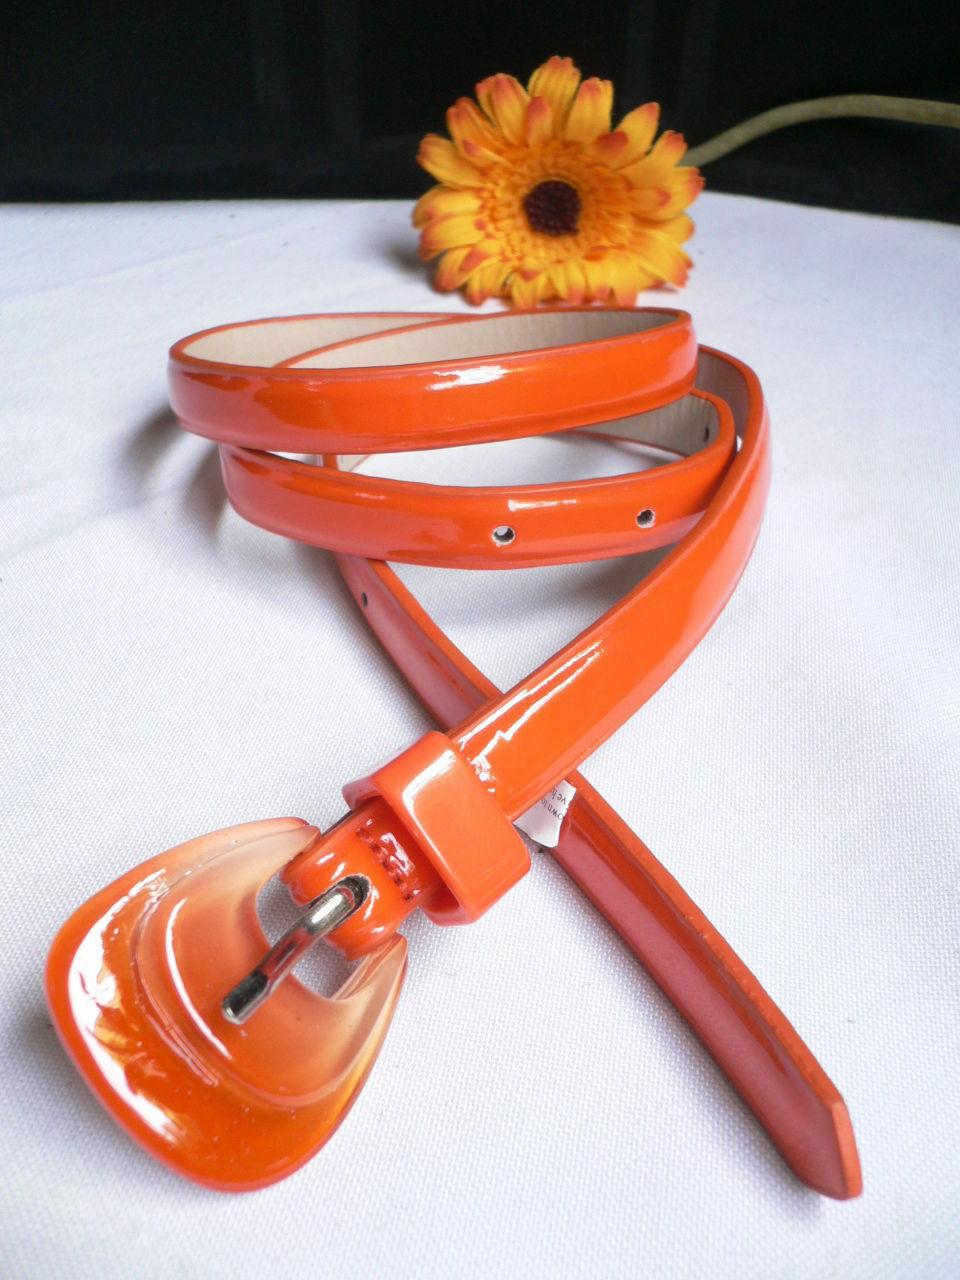 Neu Damen Mode Gürtel Trendy Skinny Hell Orange Kunstleder Schnalle S M image 9